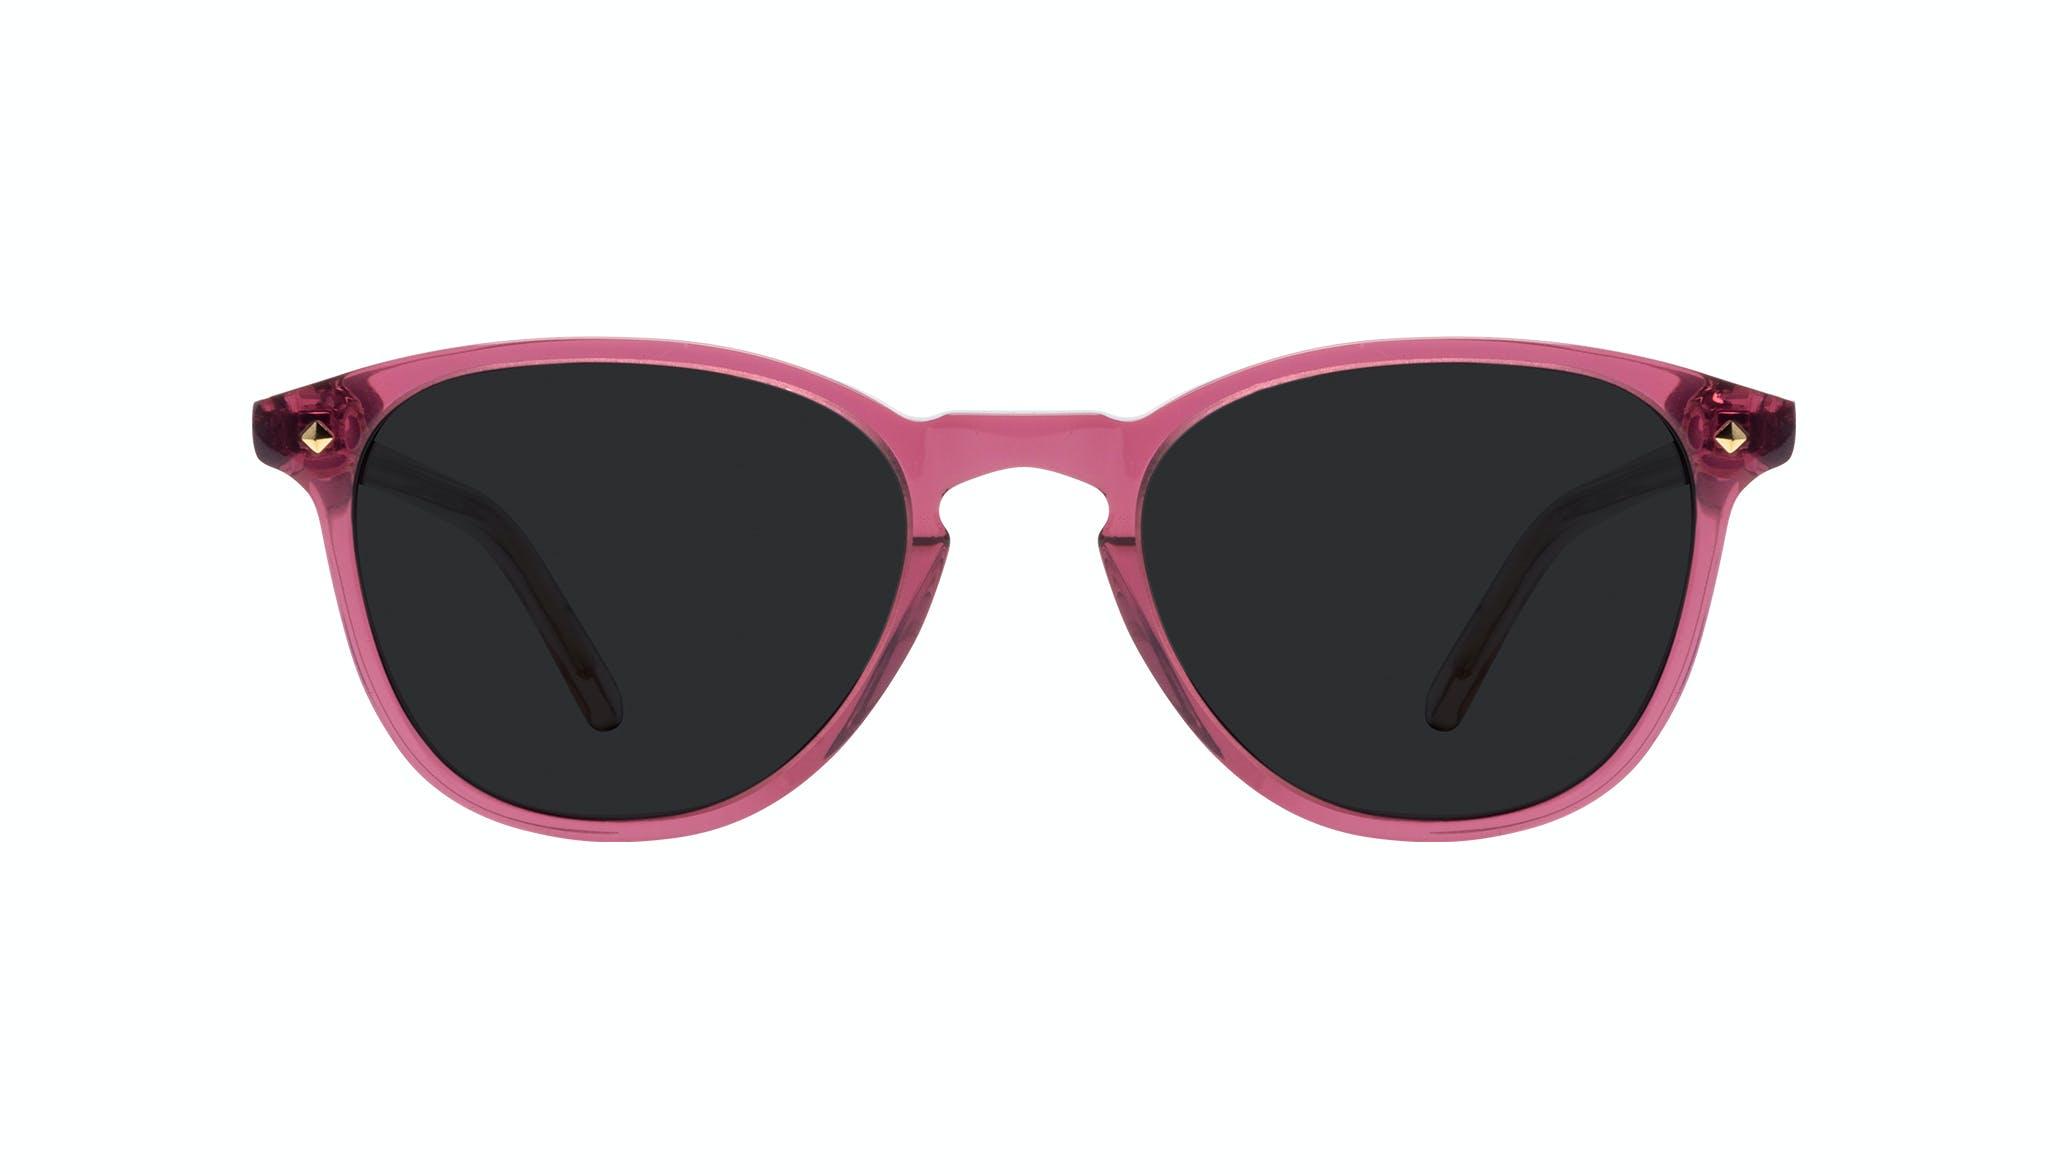 Lunettes tendance Ronde Lunettes de soleil Femmes Crush Berry